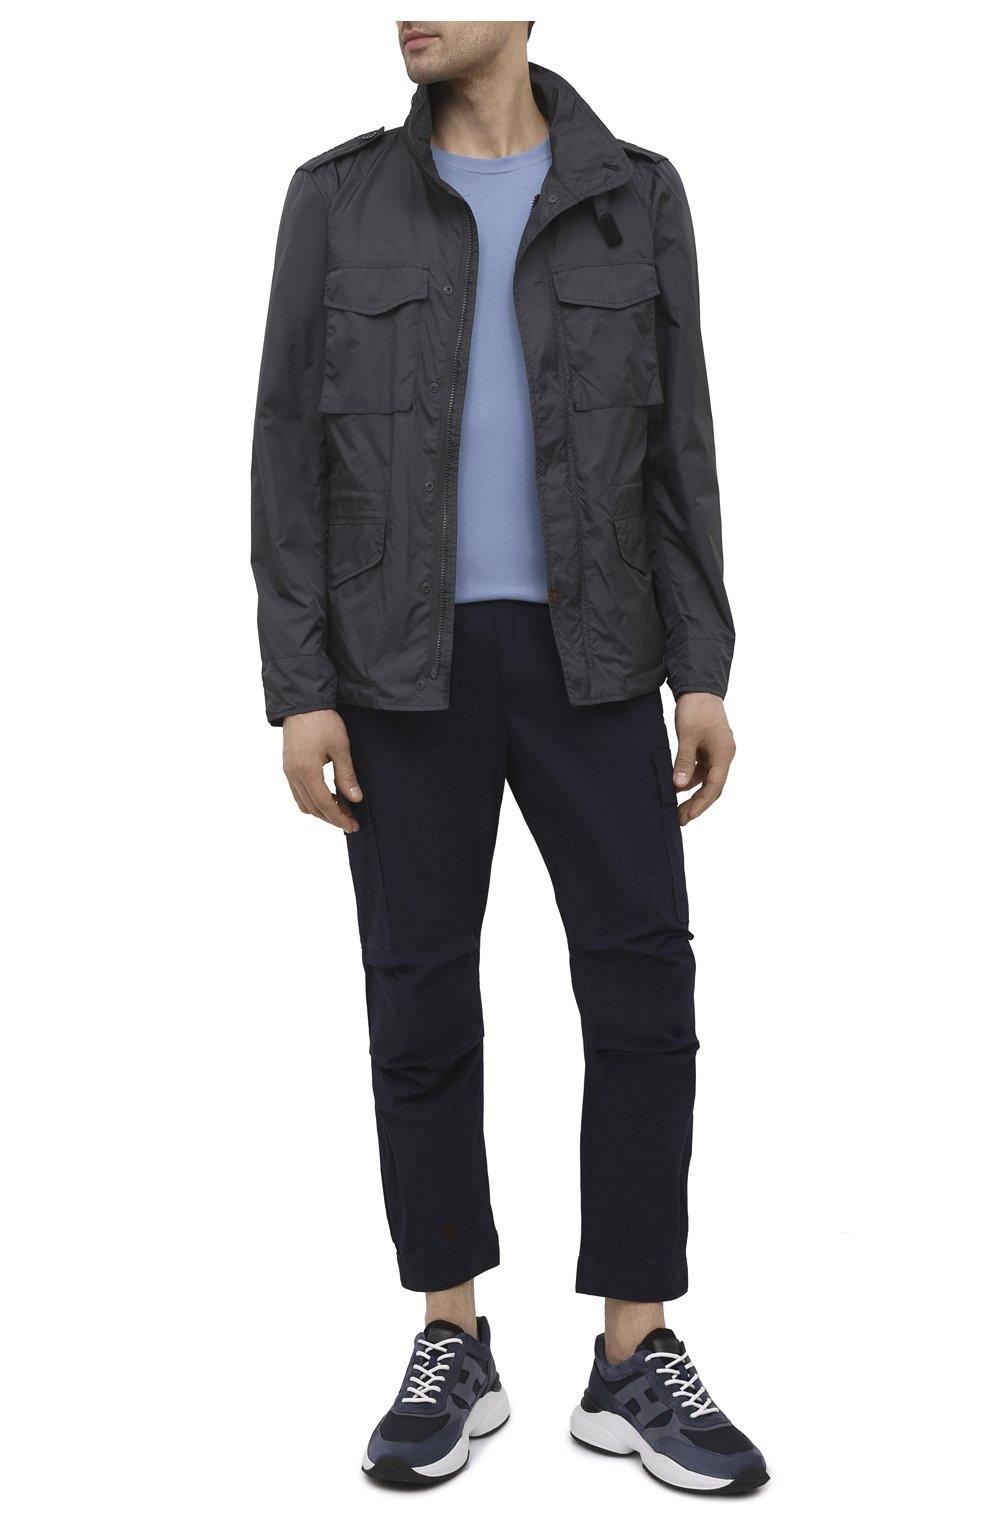 Мужские хлопковые брюки-карго PREMIUM MOOD DENIM SUPERIOR темно-синего цвета, арт. S21 04177524/MIK | Фото 2 (Силуэт М (брюки): Карго; Случай: Повседневный; Стили: Гранж; Материал внешний: Хлопок; Длина (брюки, джинсы): Укороченные)